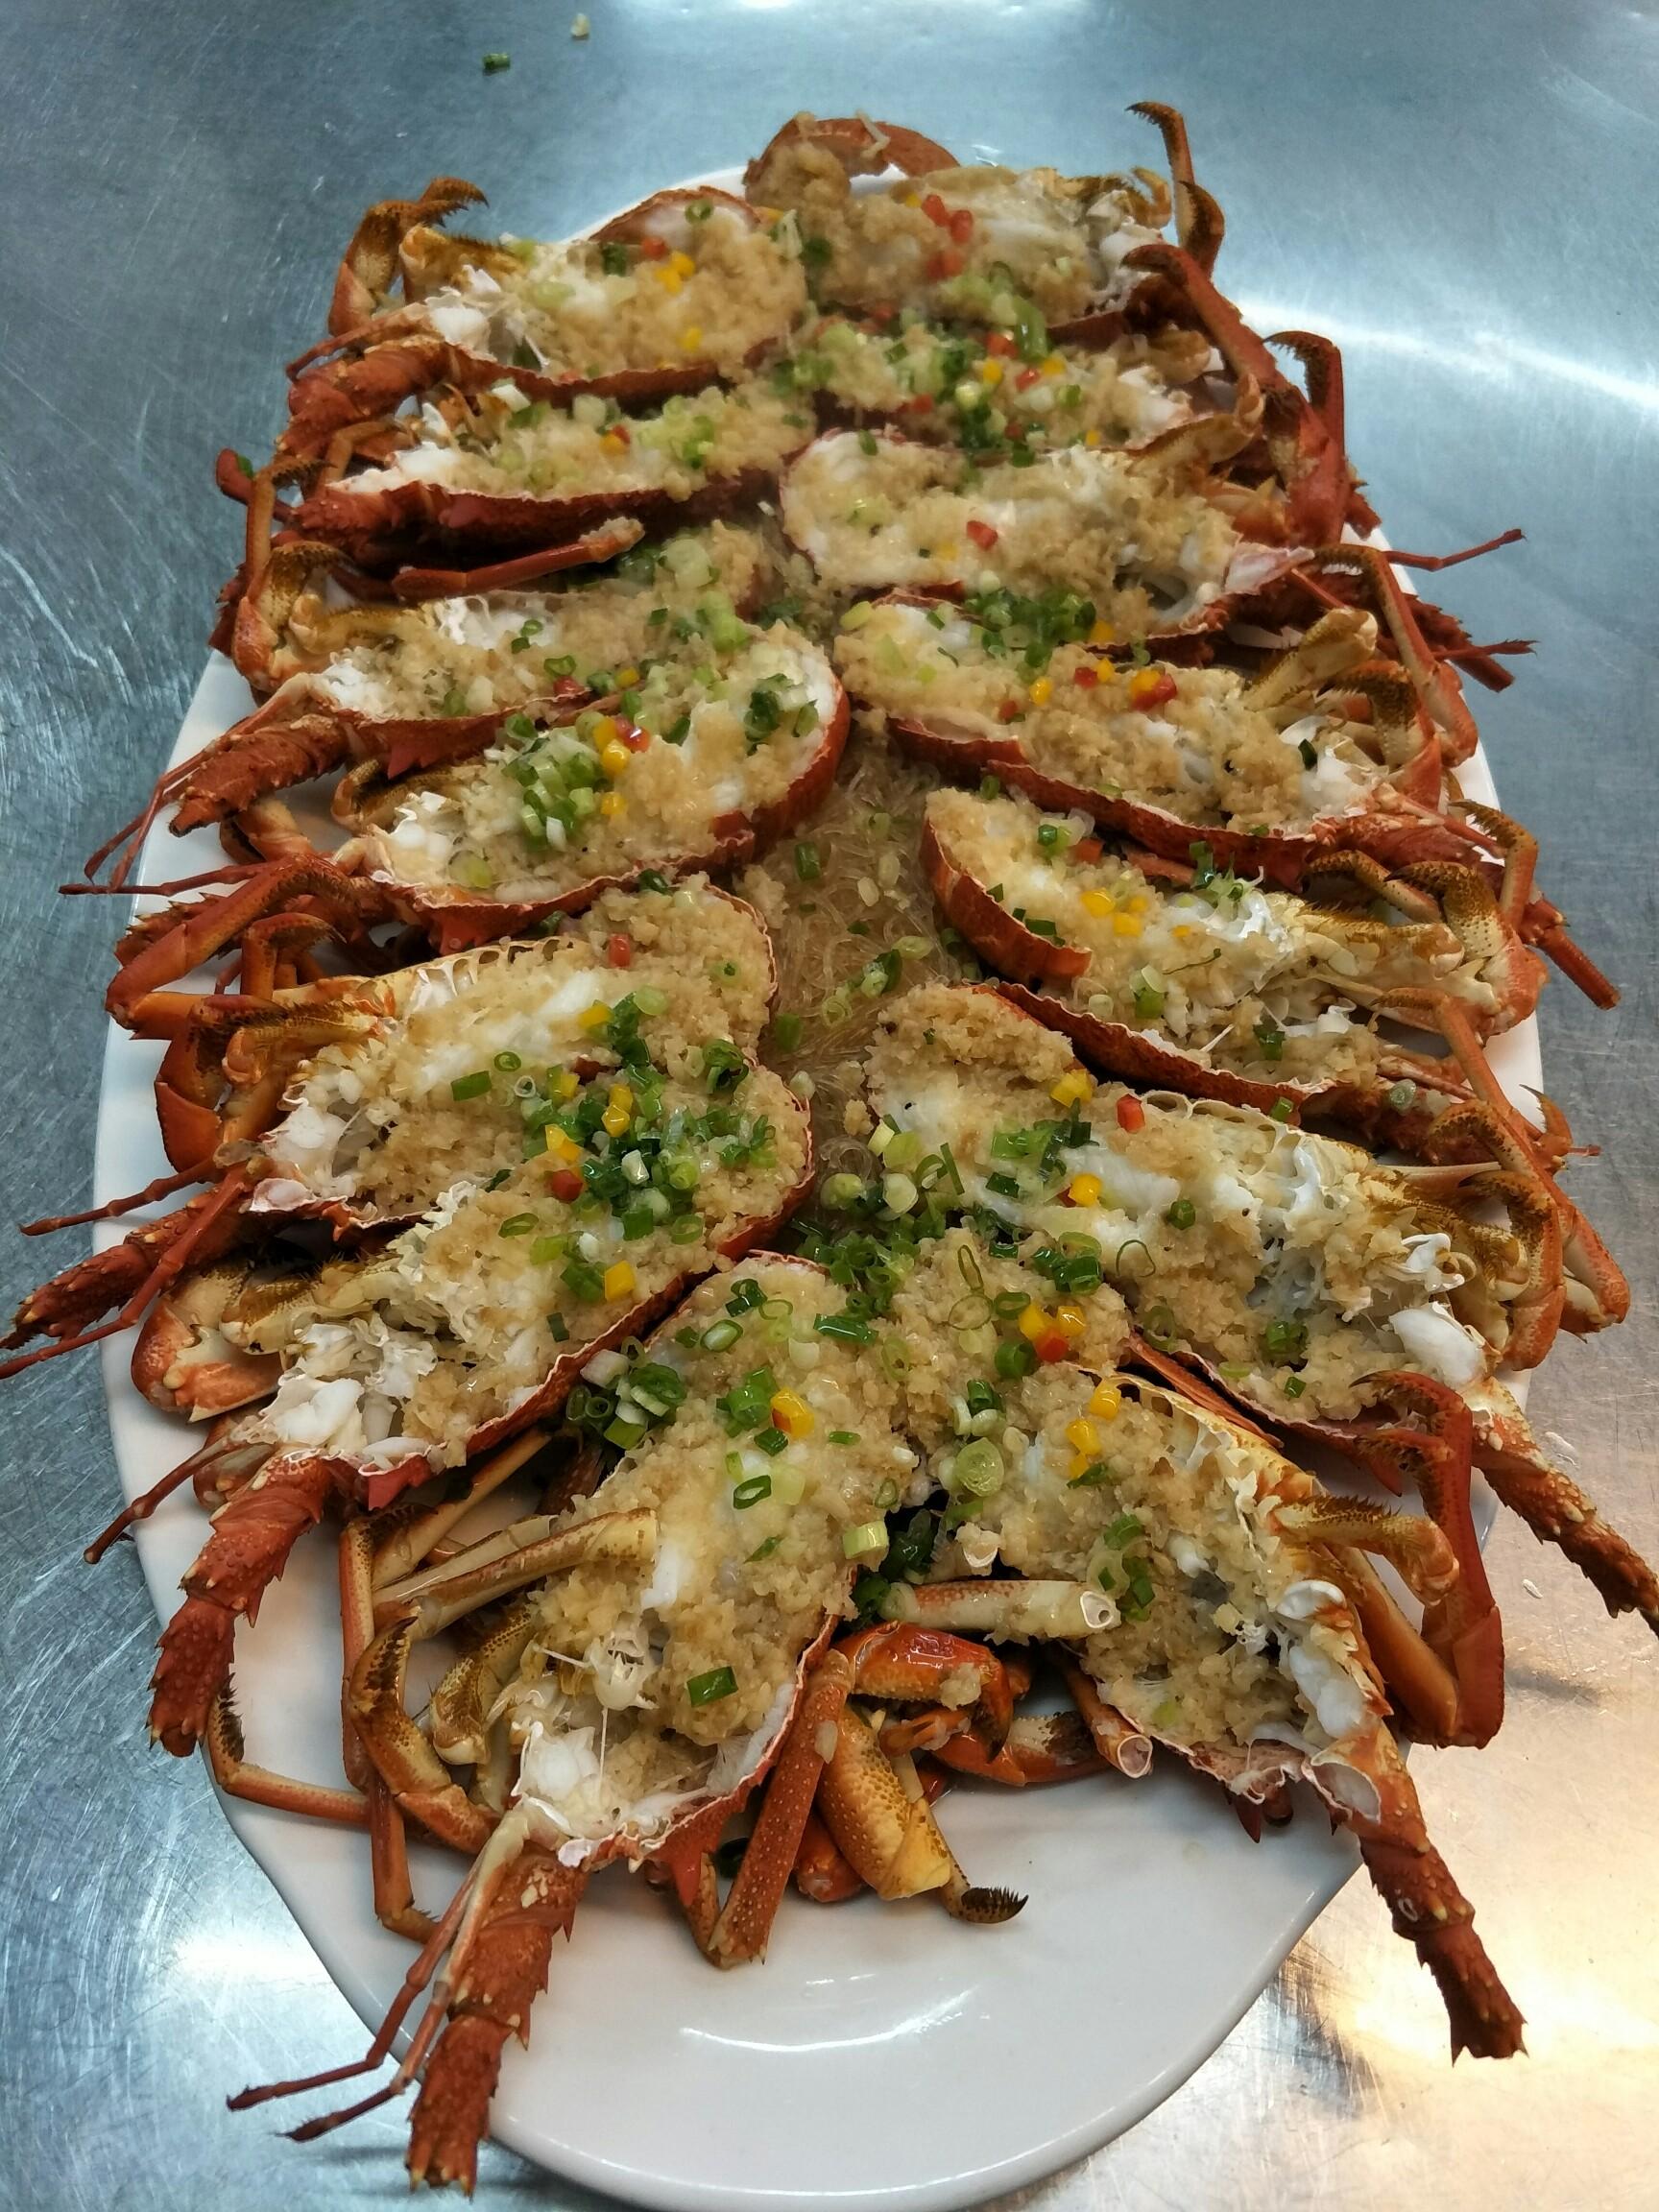 海鲜大餐:蒜蓉蒸龙虾,三味海鲜拼盘,蒸蟹宝